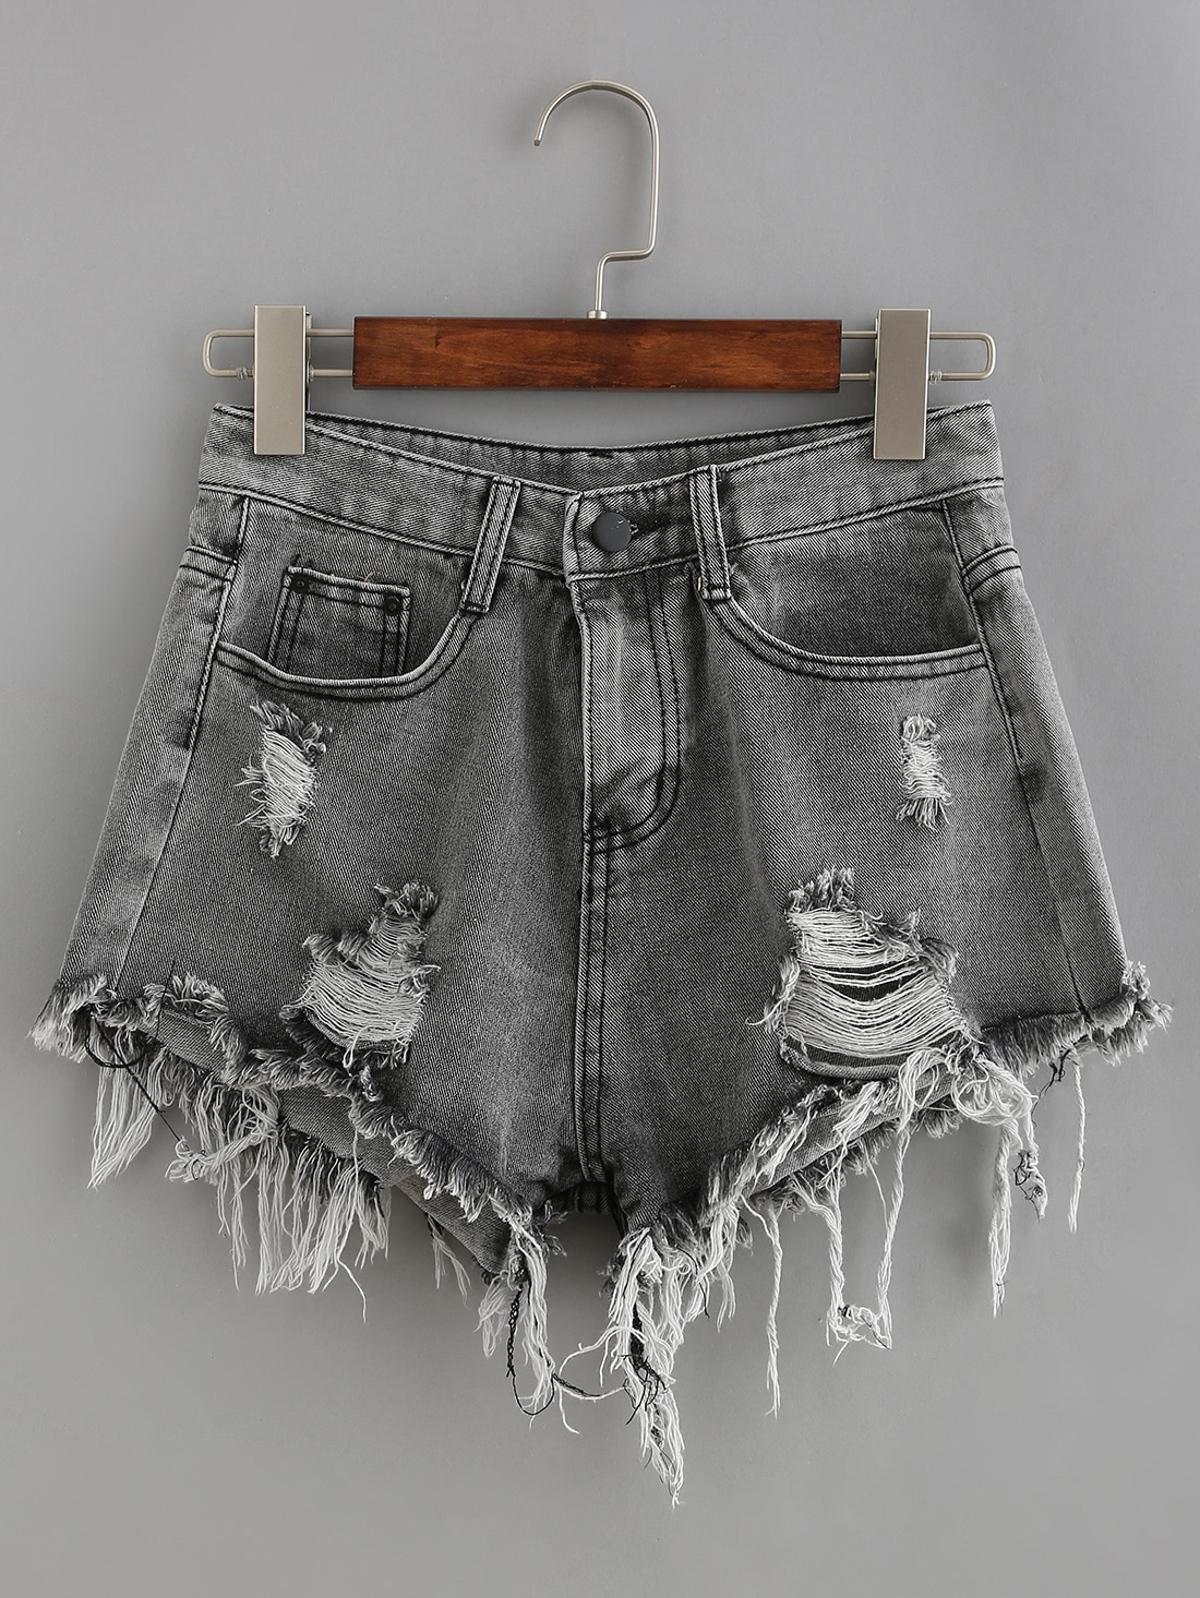 磨損的 灰色 牛仔布 短褲